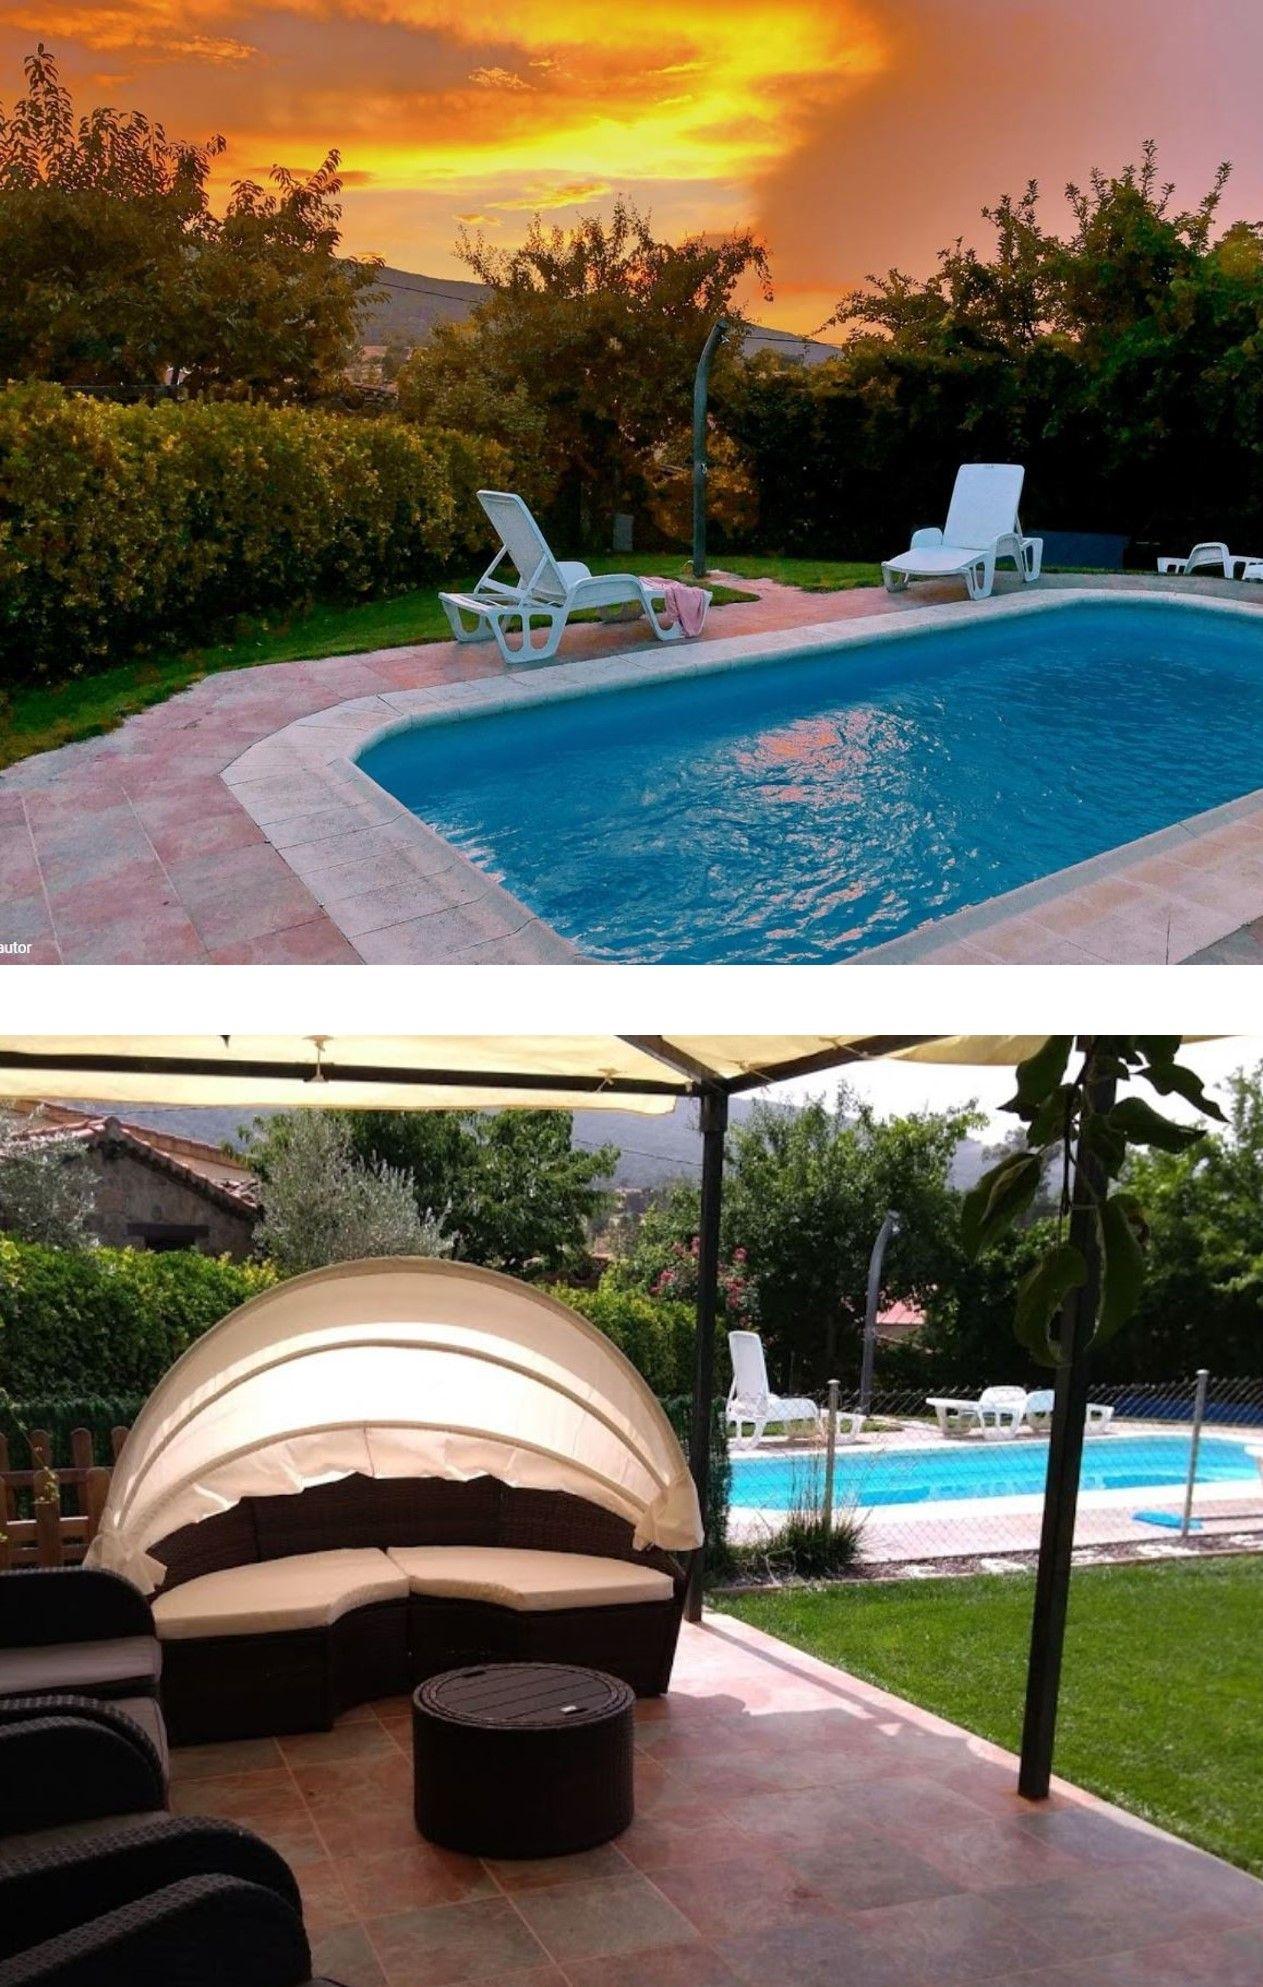 La Rinconada De La Sierra Alquiler Casa Rural Con Piscina Privada 9 Habitaciones En Salamanca En 2020 Casas Rurales Piscina Privada Casas Con Piscina